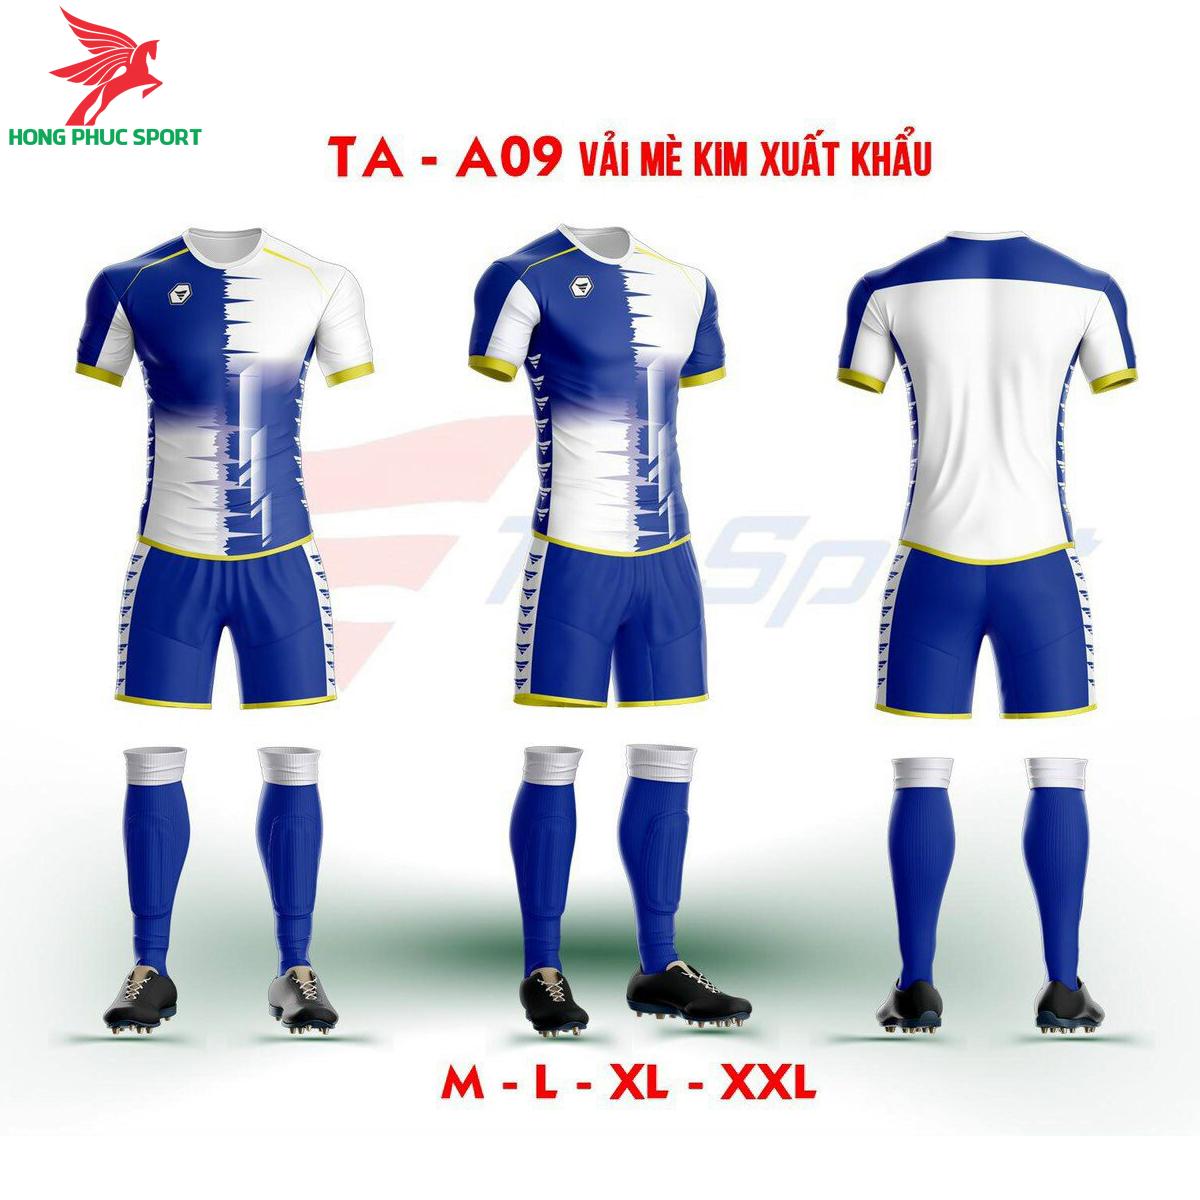 https://cdn.hongphucsport.com/unsafe/s4.shopbay.vn/files/285/ao-khong-logo-truong-an-ta-a09-mau-xanh-duong-trang-1-603e02cdf06c0.png